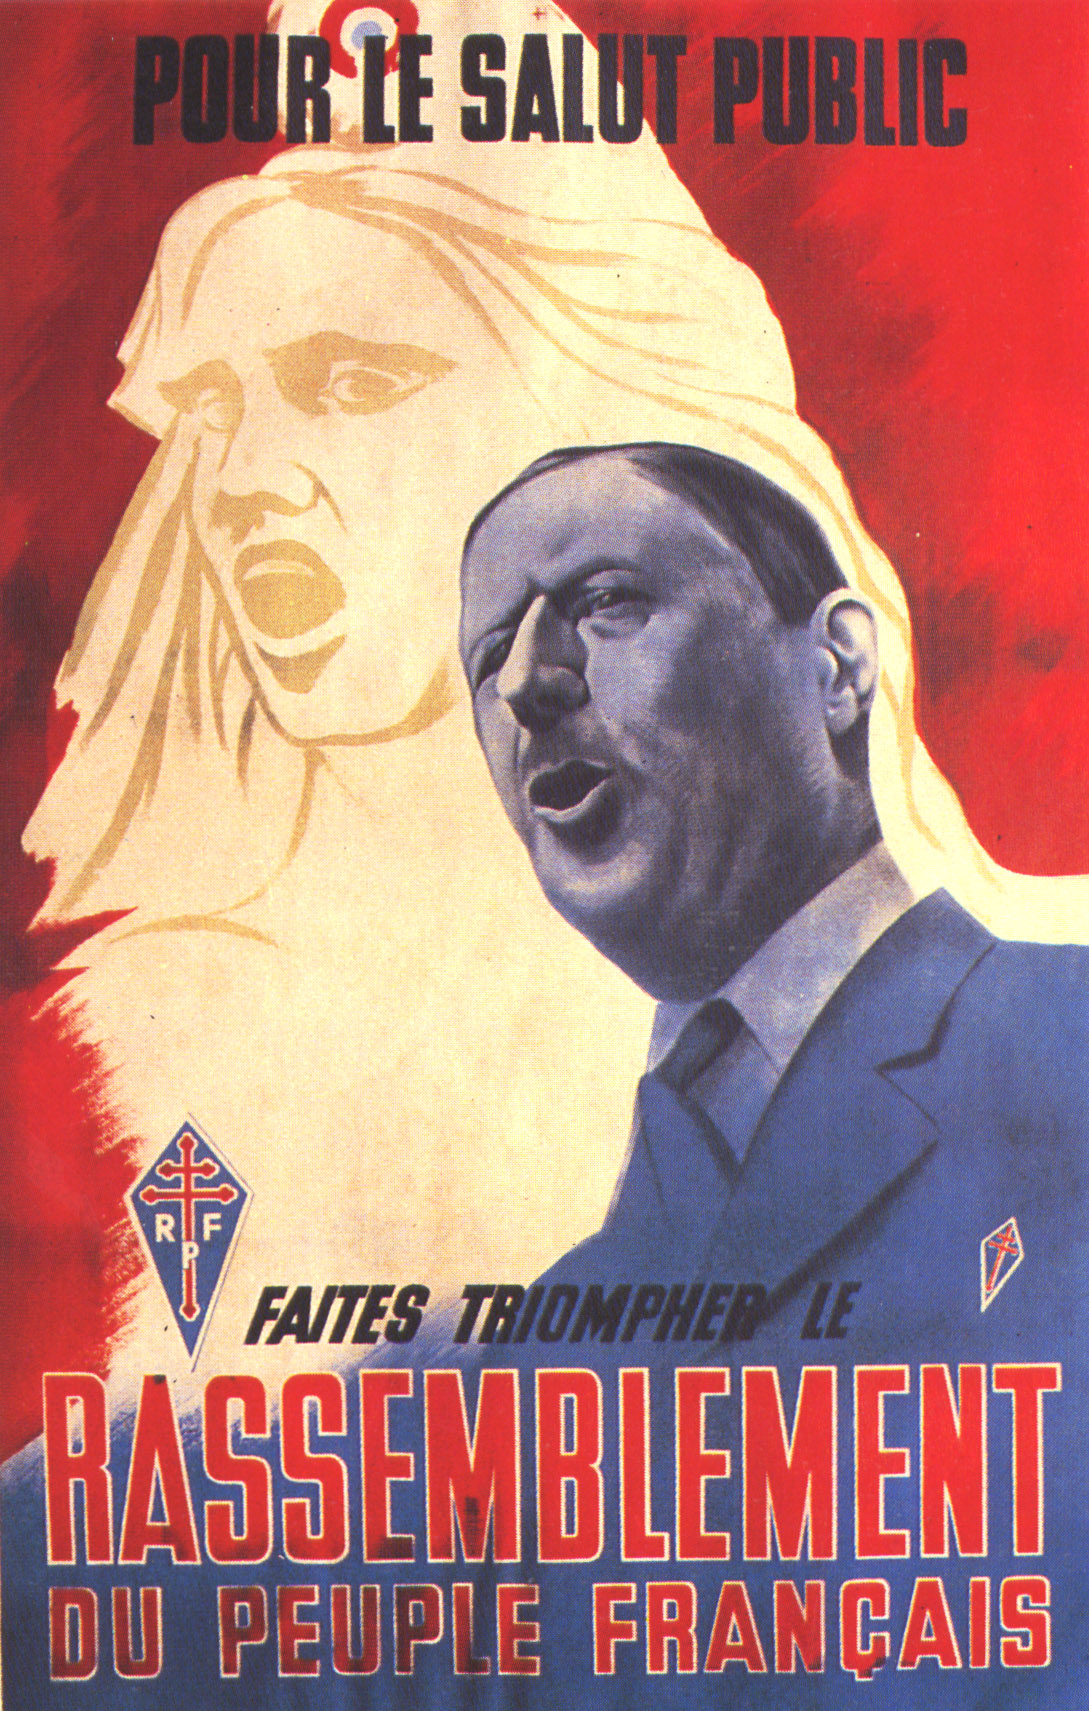 Affiche pour la formation du Rassemblement du Peuple Français, avril 1947